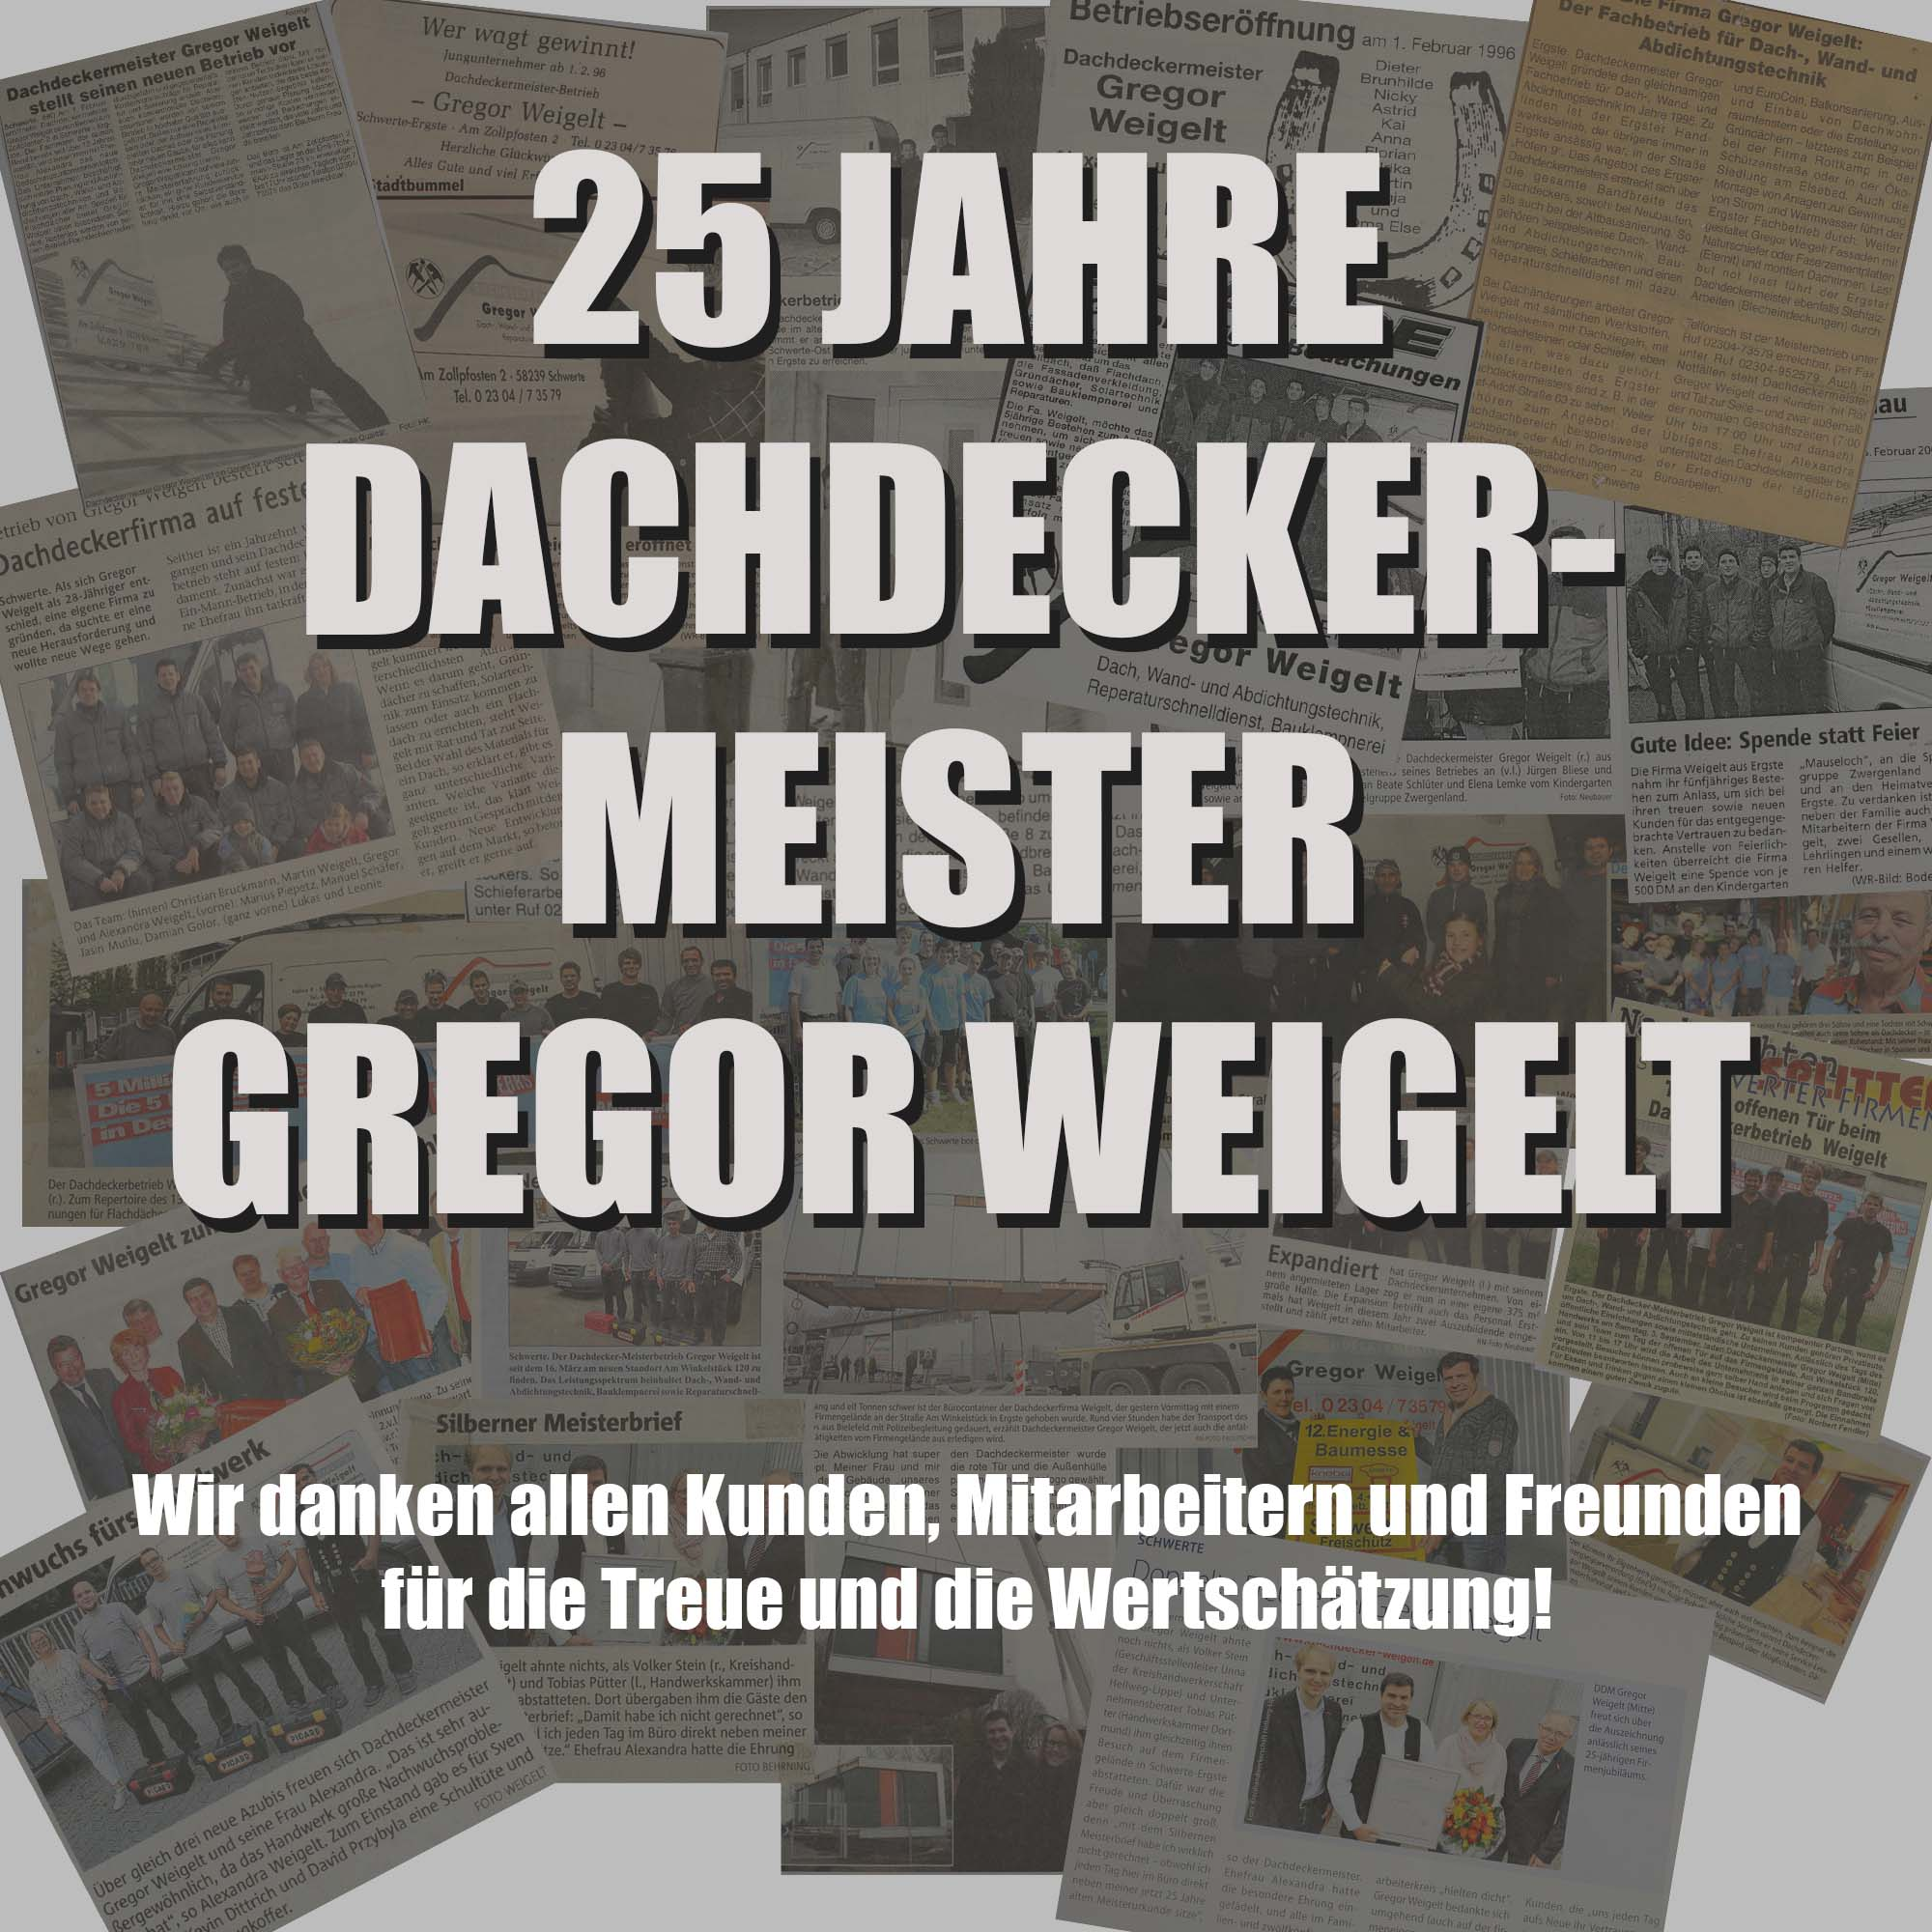 25 Jahre Dachdeckermeister Gregor Weigelt